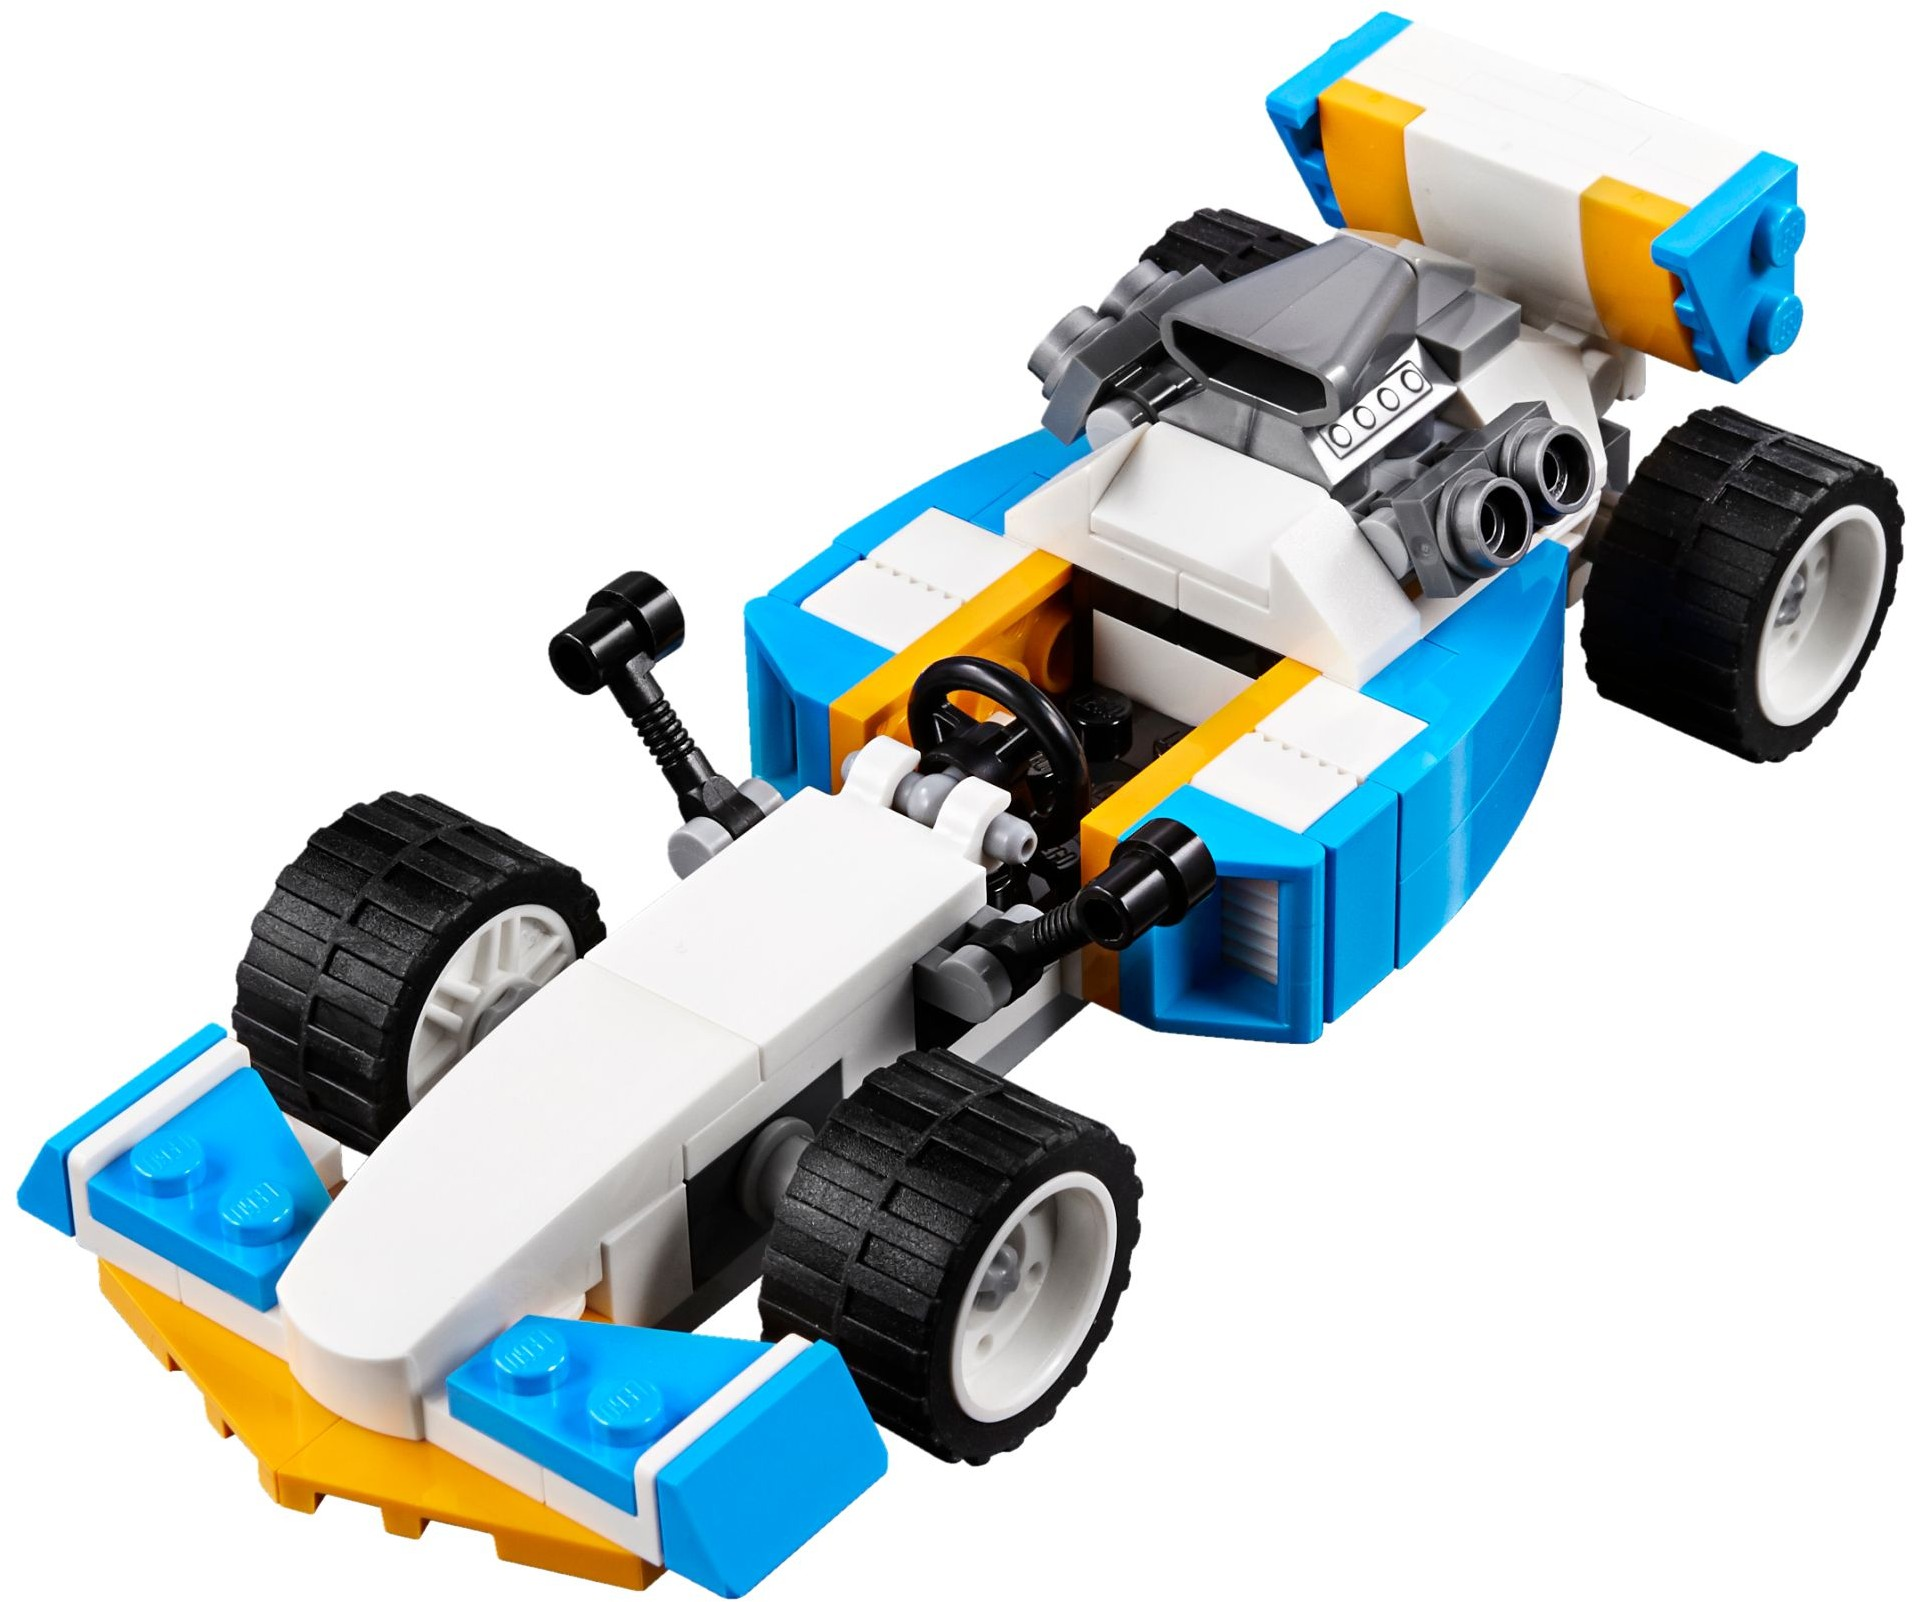 Build A Lego Car Instructions